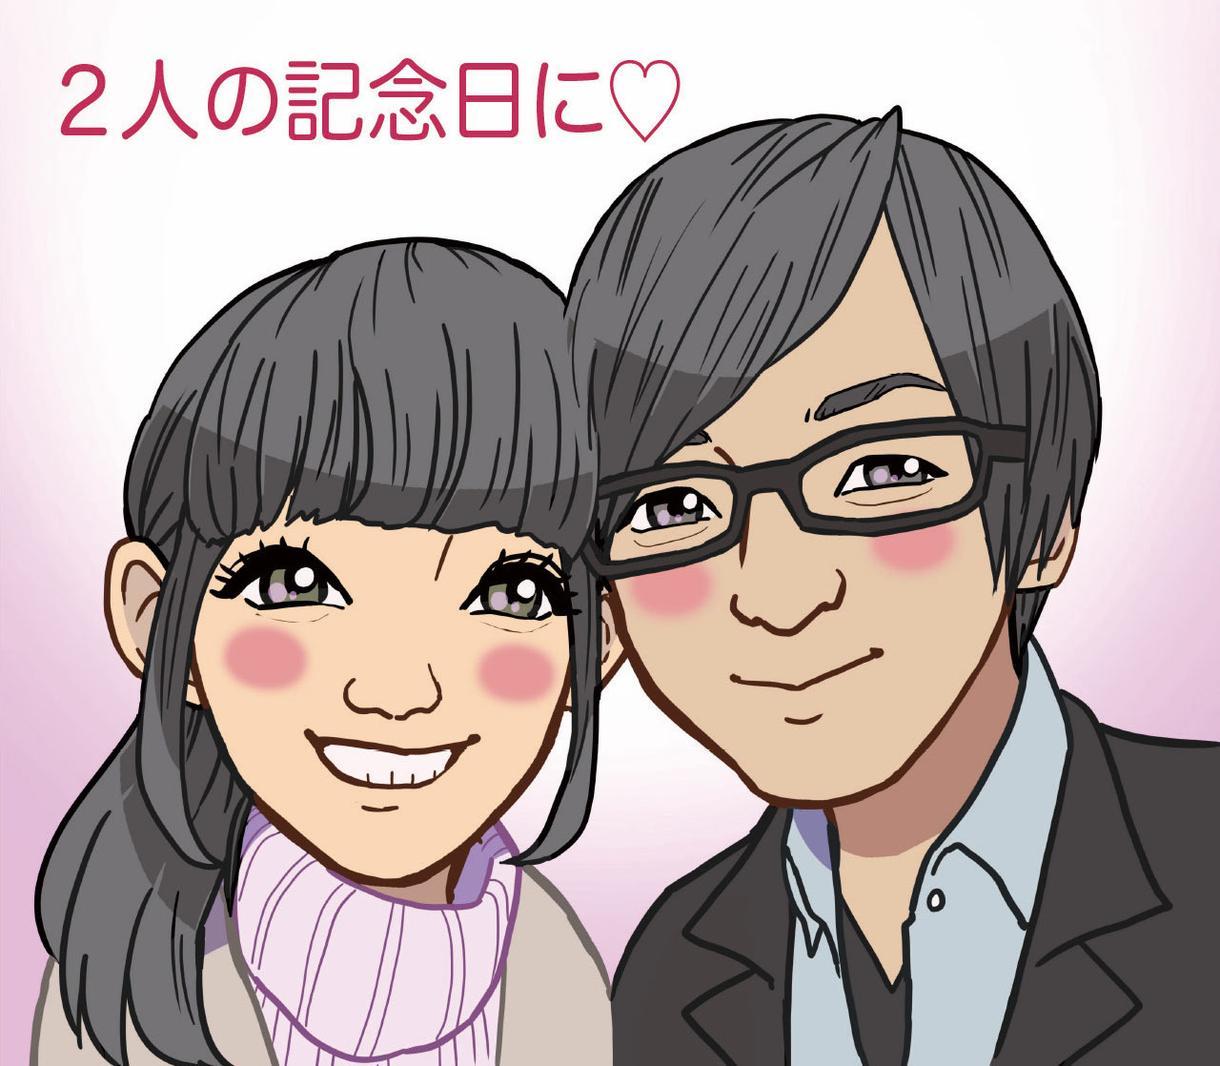 カップル・夫婦のかわいい似顔絵お描きします 記念日やお祝い事のプレゼントに♡